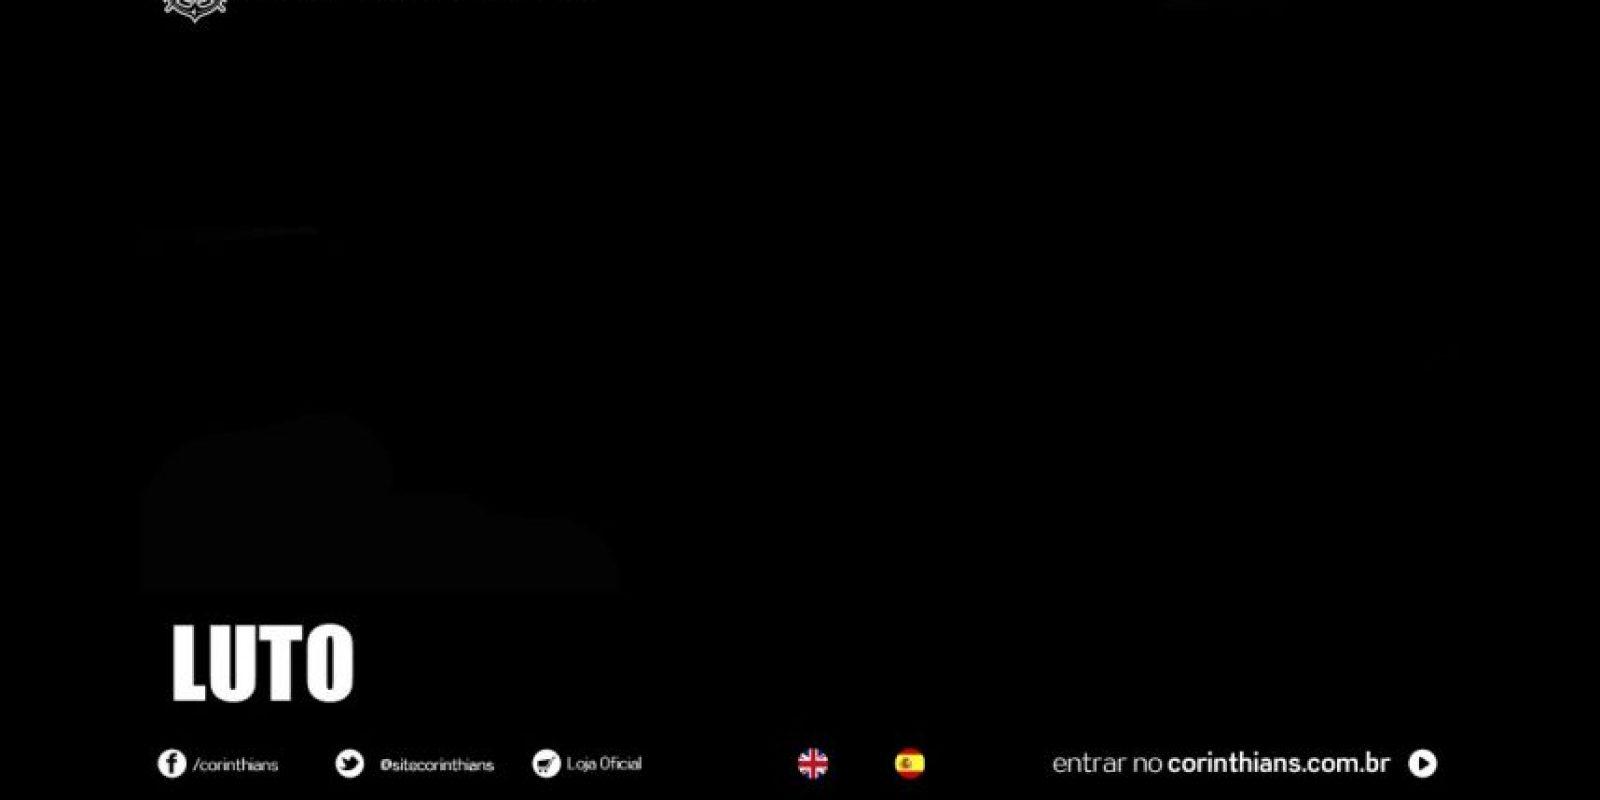 Así aparece la página del club brasilero